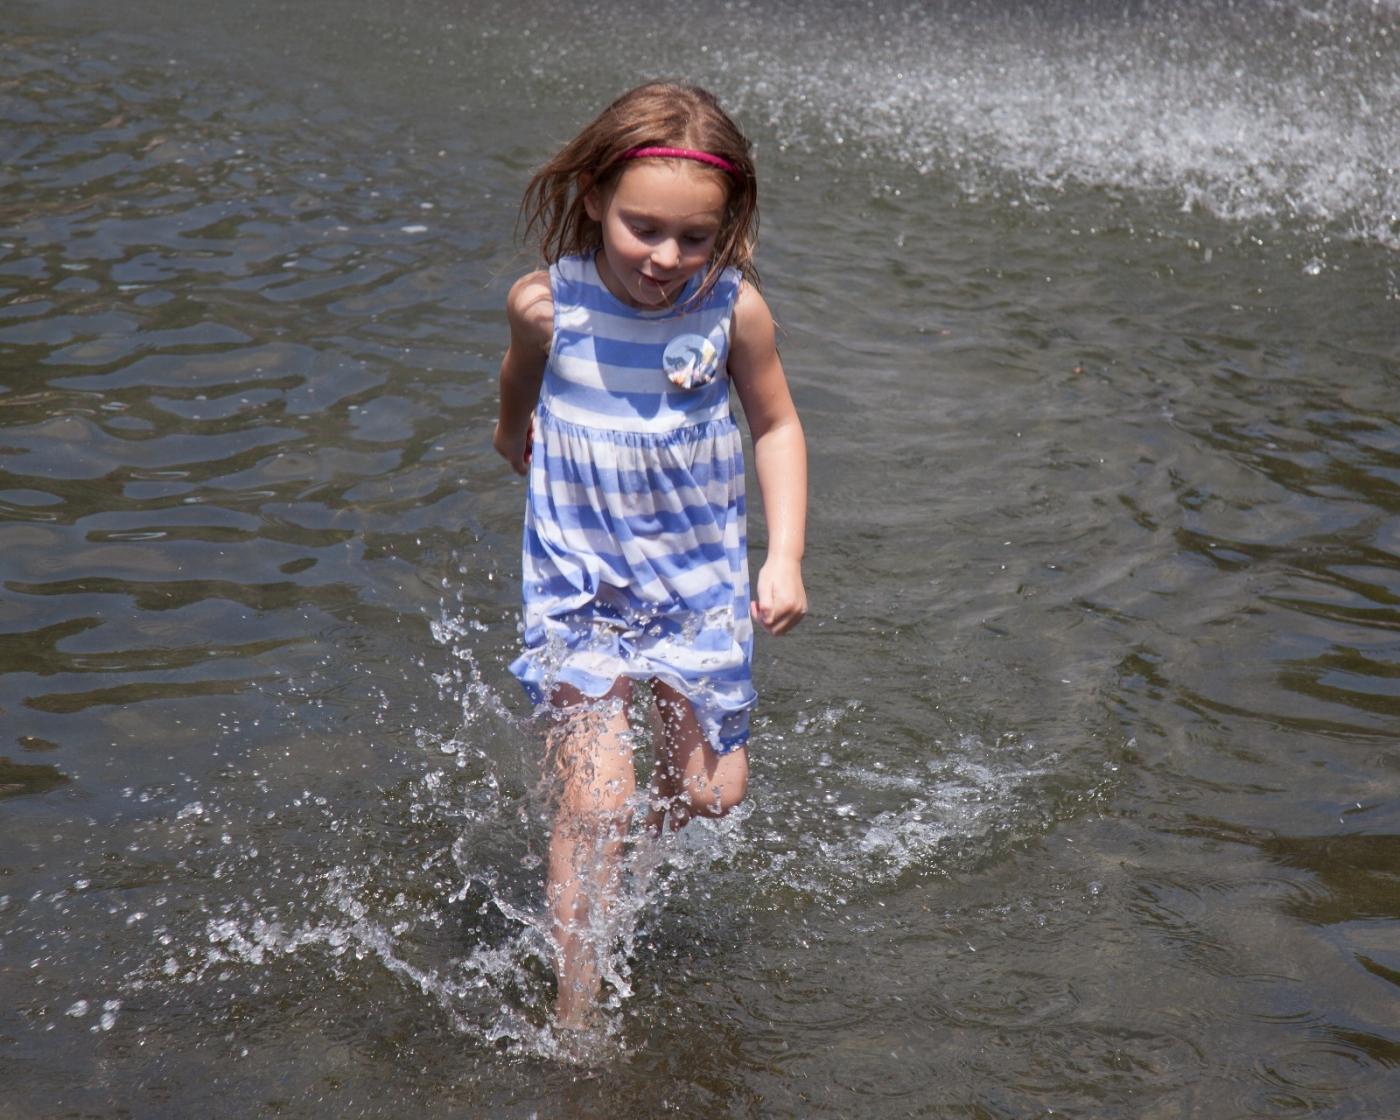 在喷水池中戏水的小孩,天真活泼(摄于纽约华盛顿广场喷水池) ... ... ..._图1-17